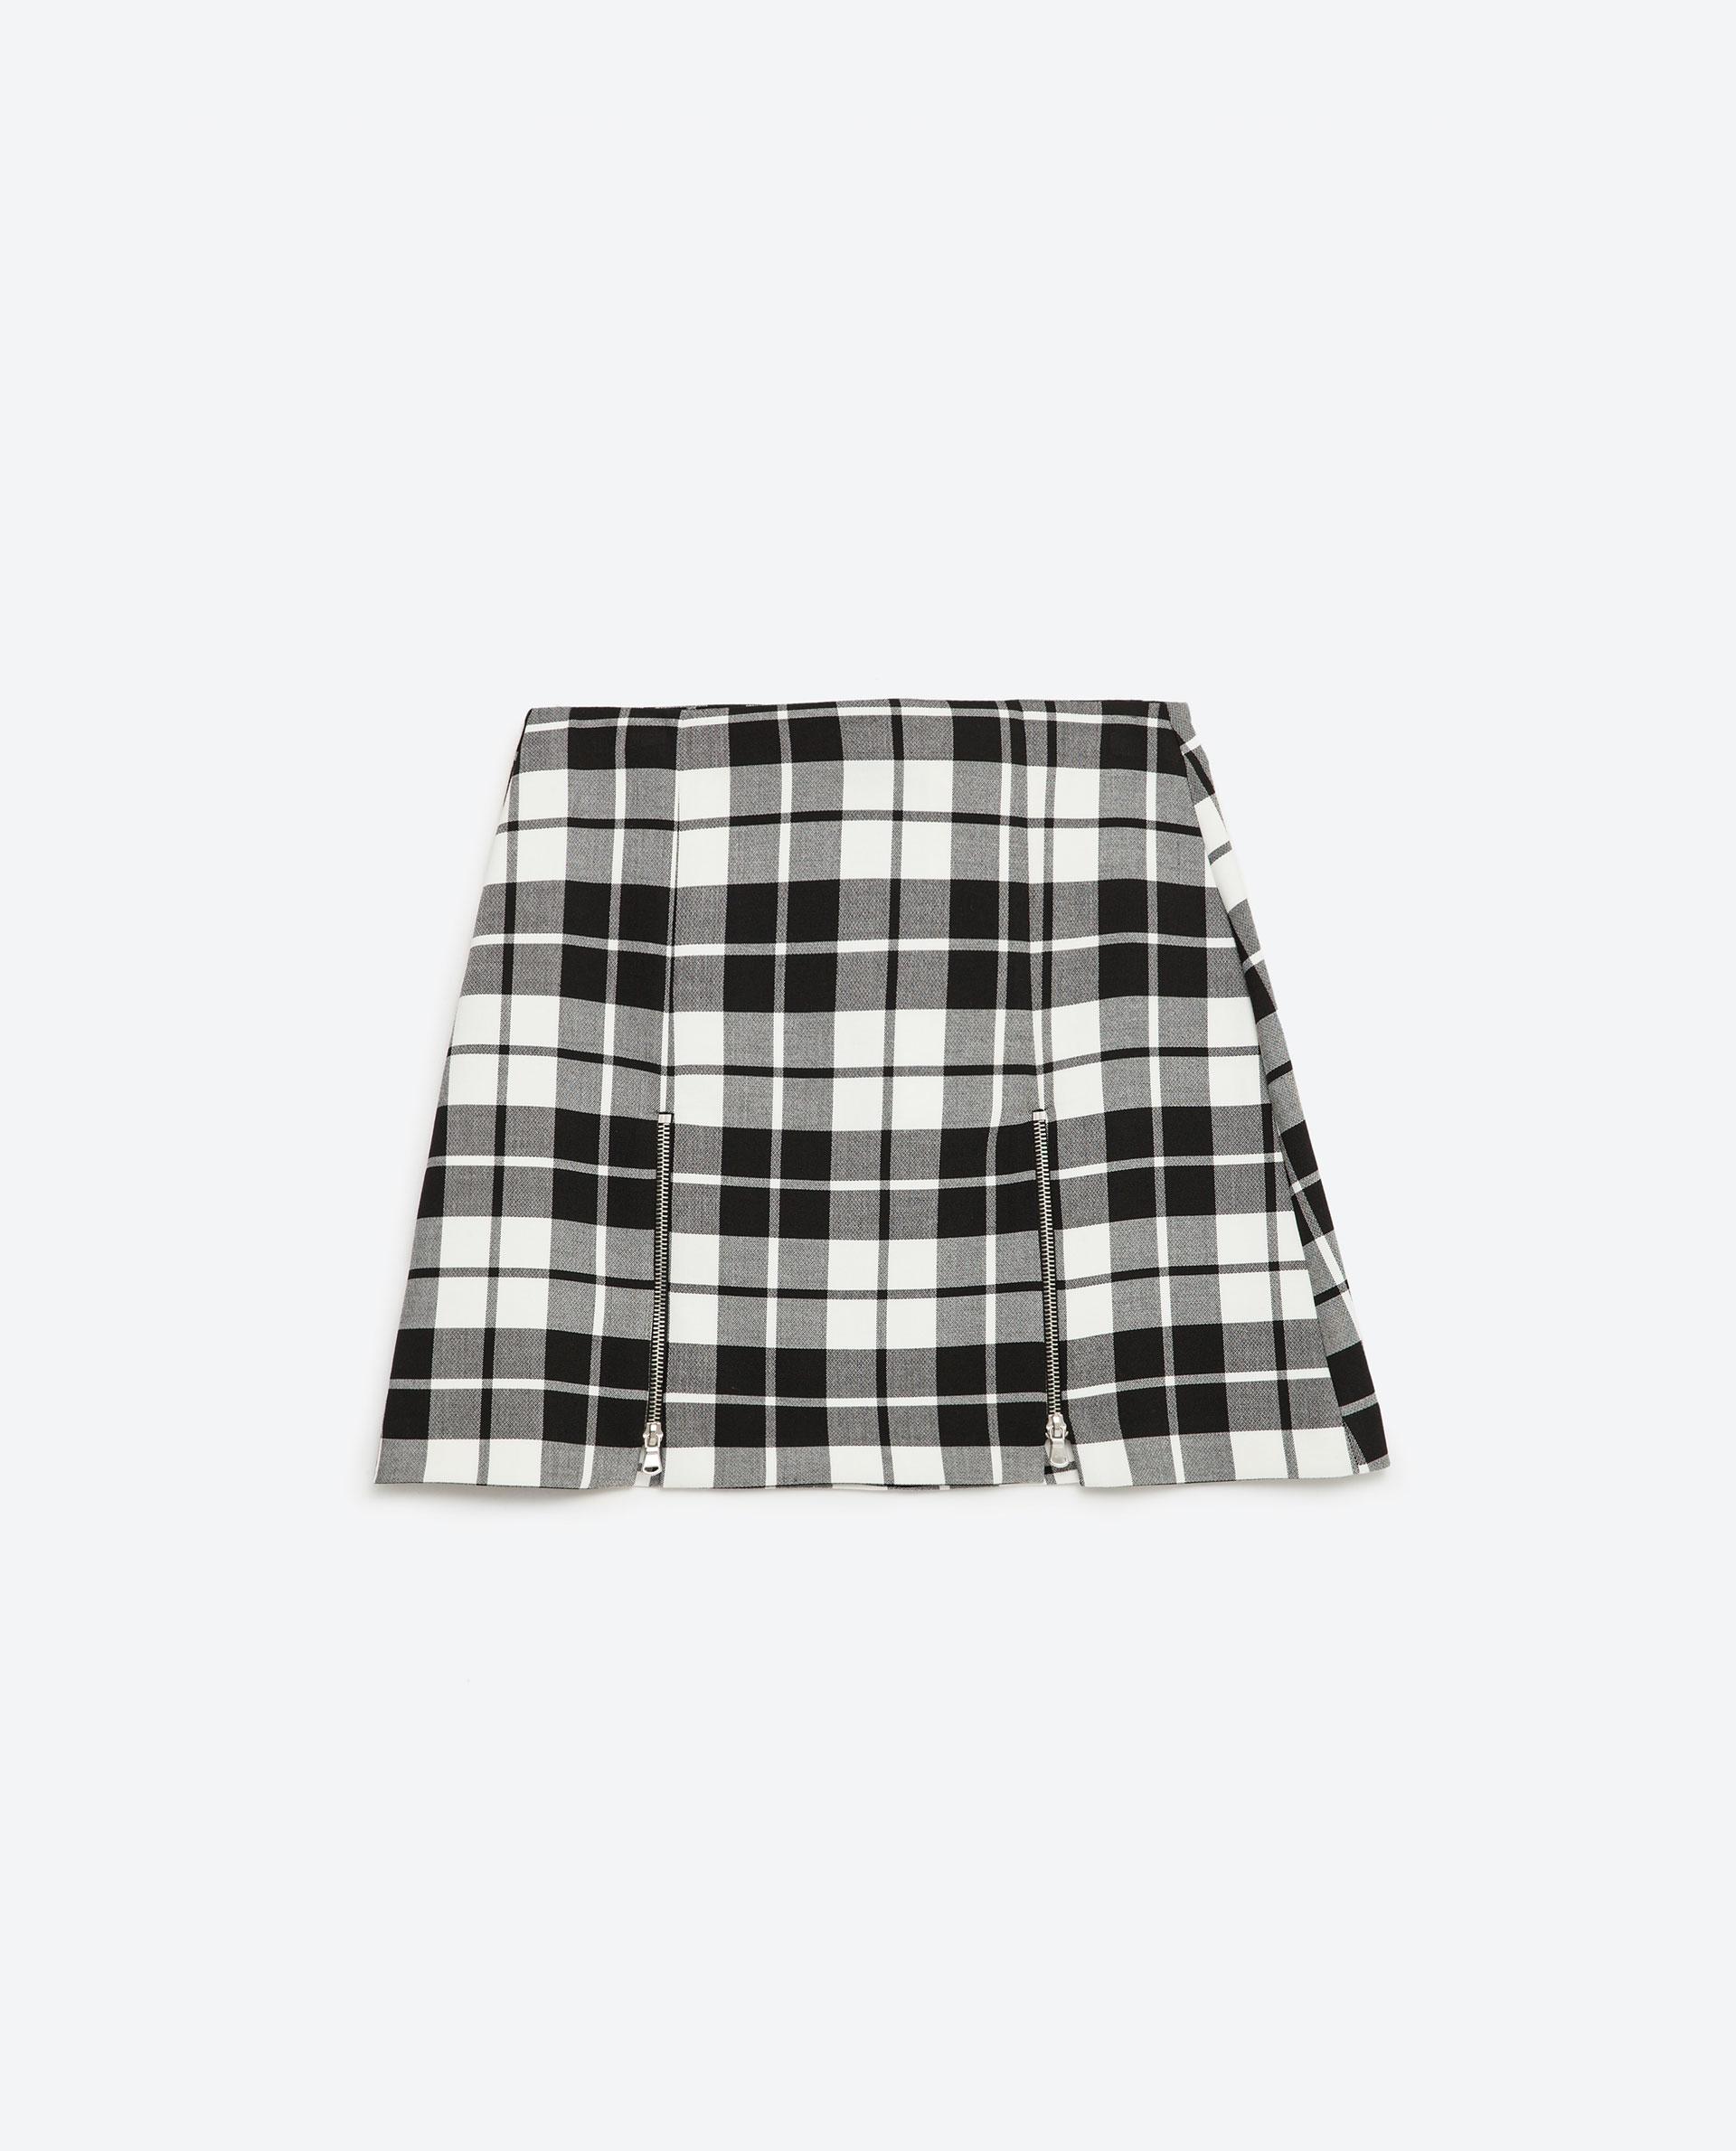 Zara Check Miniskirt in Black | Lyst